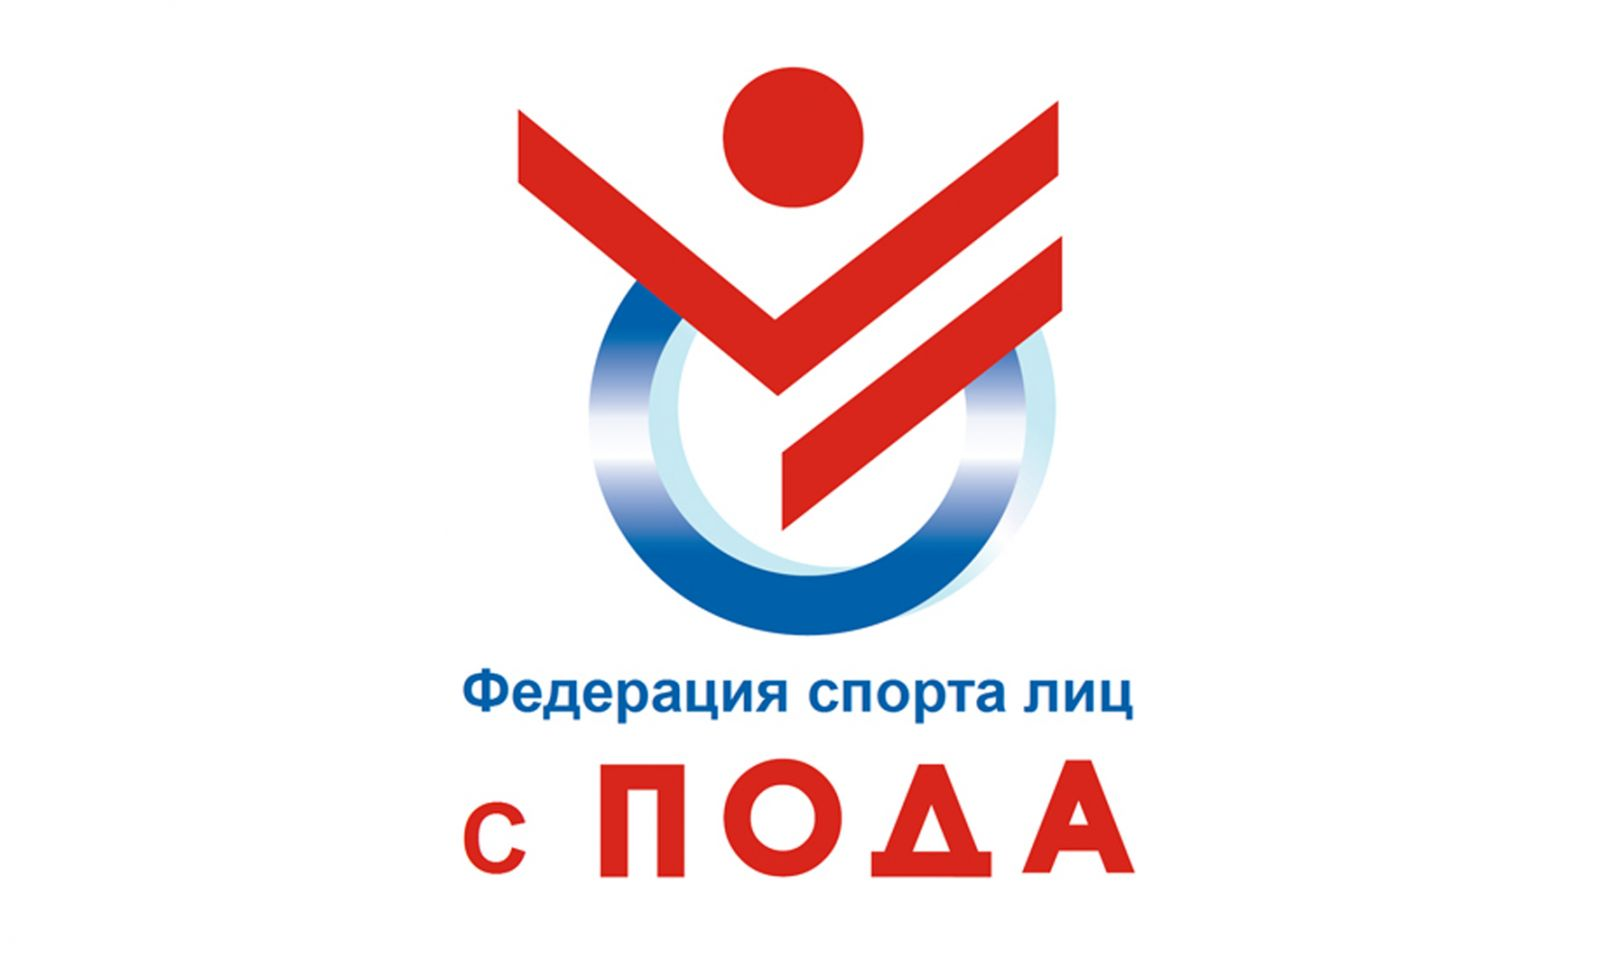 Руководители ПКР в режиме онлайн-связи приняли участие в заседании Совета Всероссийской федерации спорта лиц с поражением опорно-двигательного аппарата